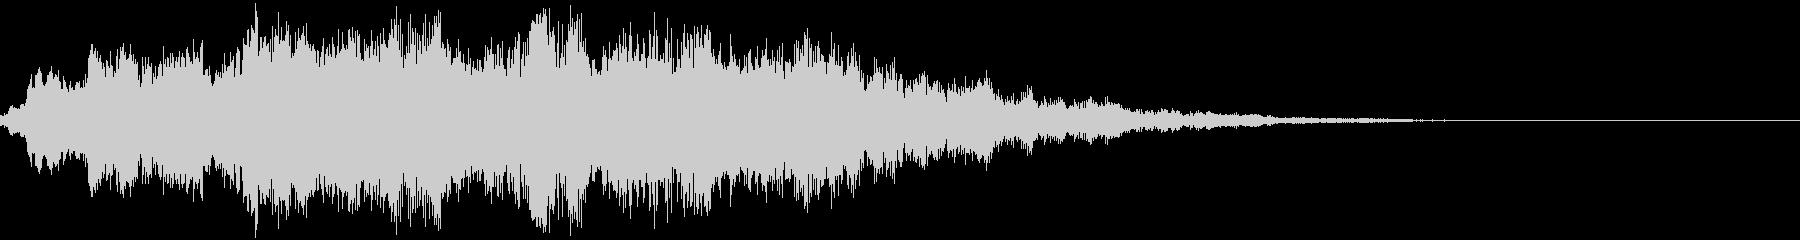 キラン:ミステリアス・不思議な衝撃音bの未再生の波形